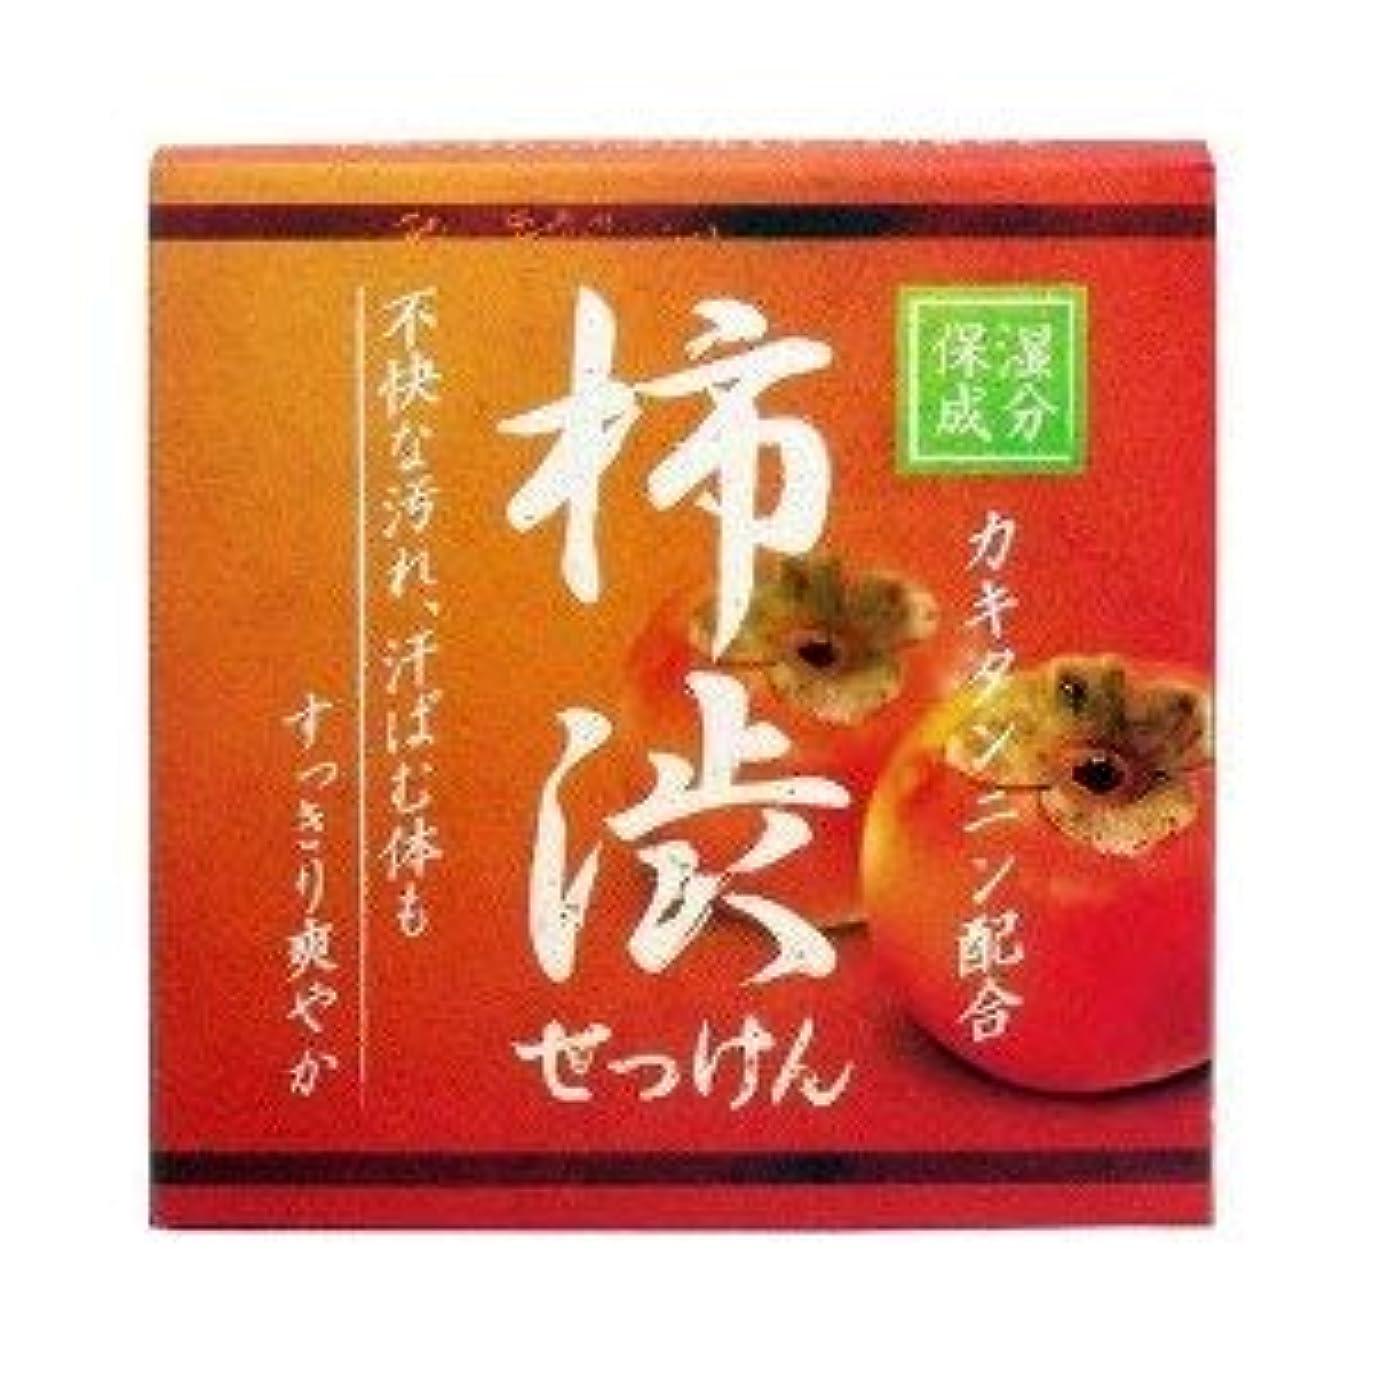 暗唱するリーズ飲み込む柿渋配合せっけん カキタンニン配合保湿成分 80g×2 2個1セット 石鹸